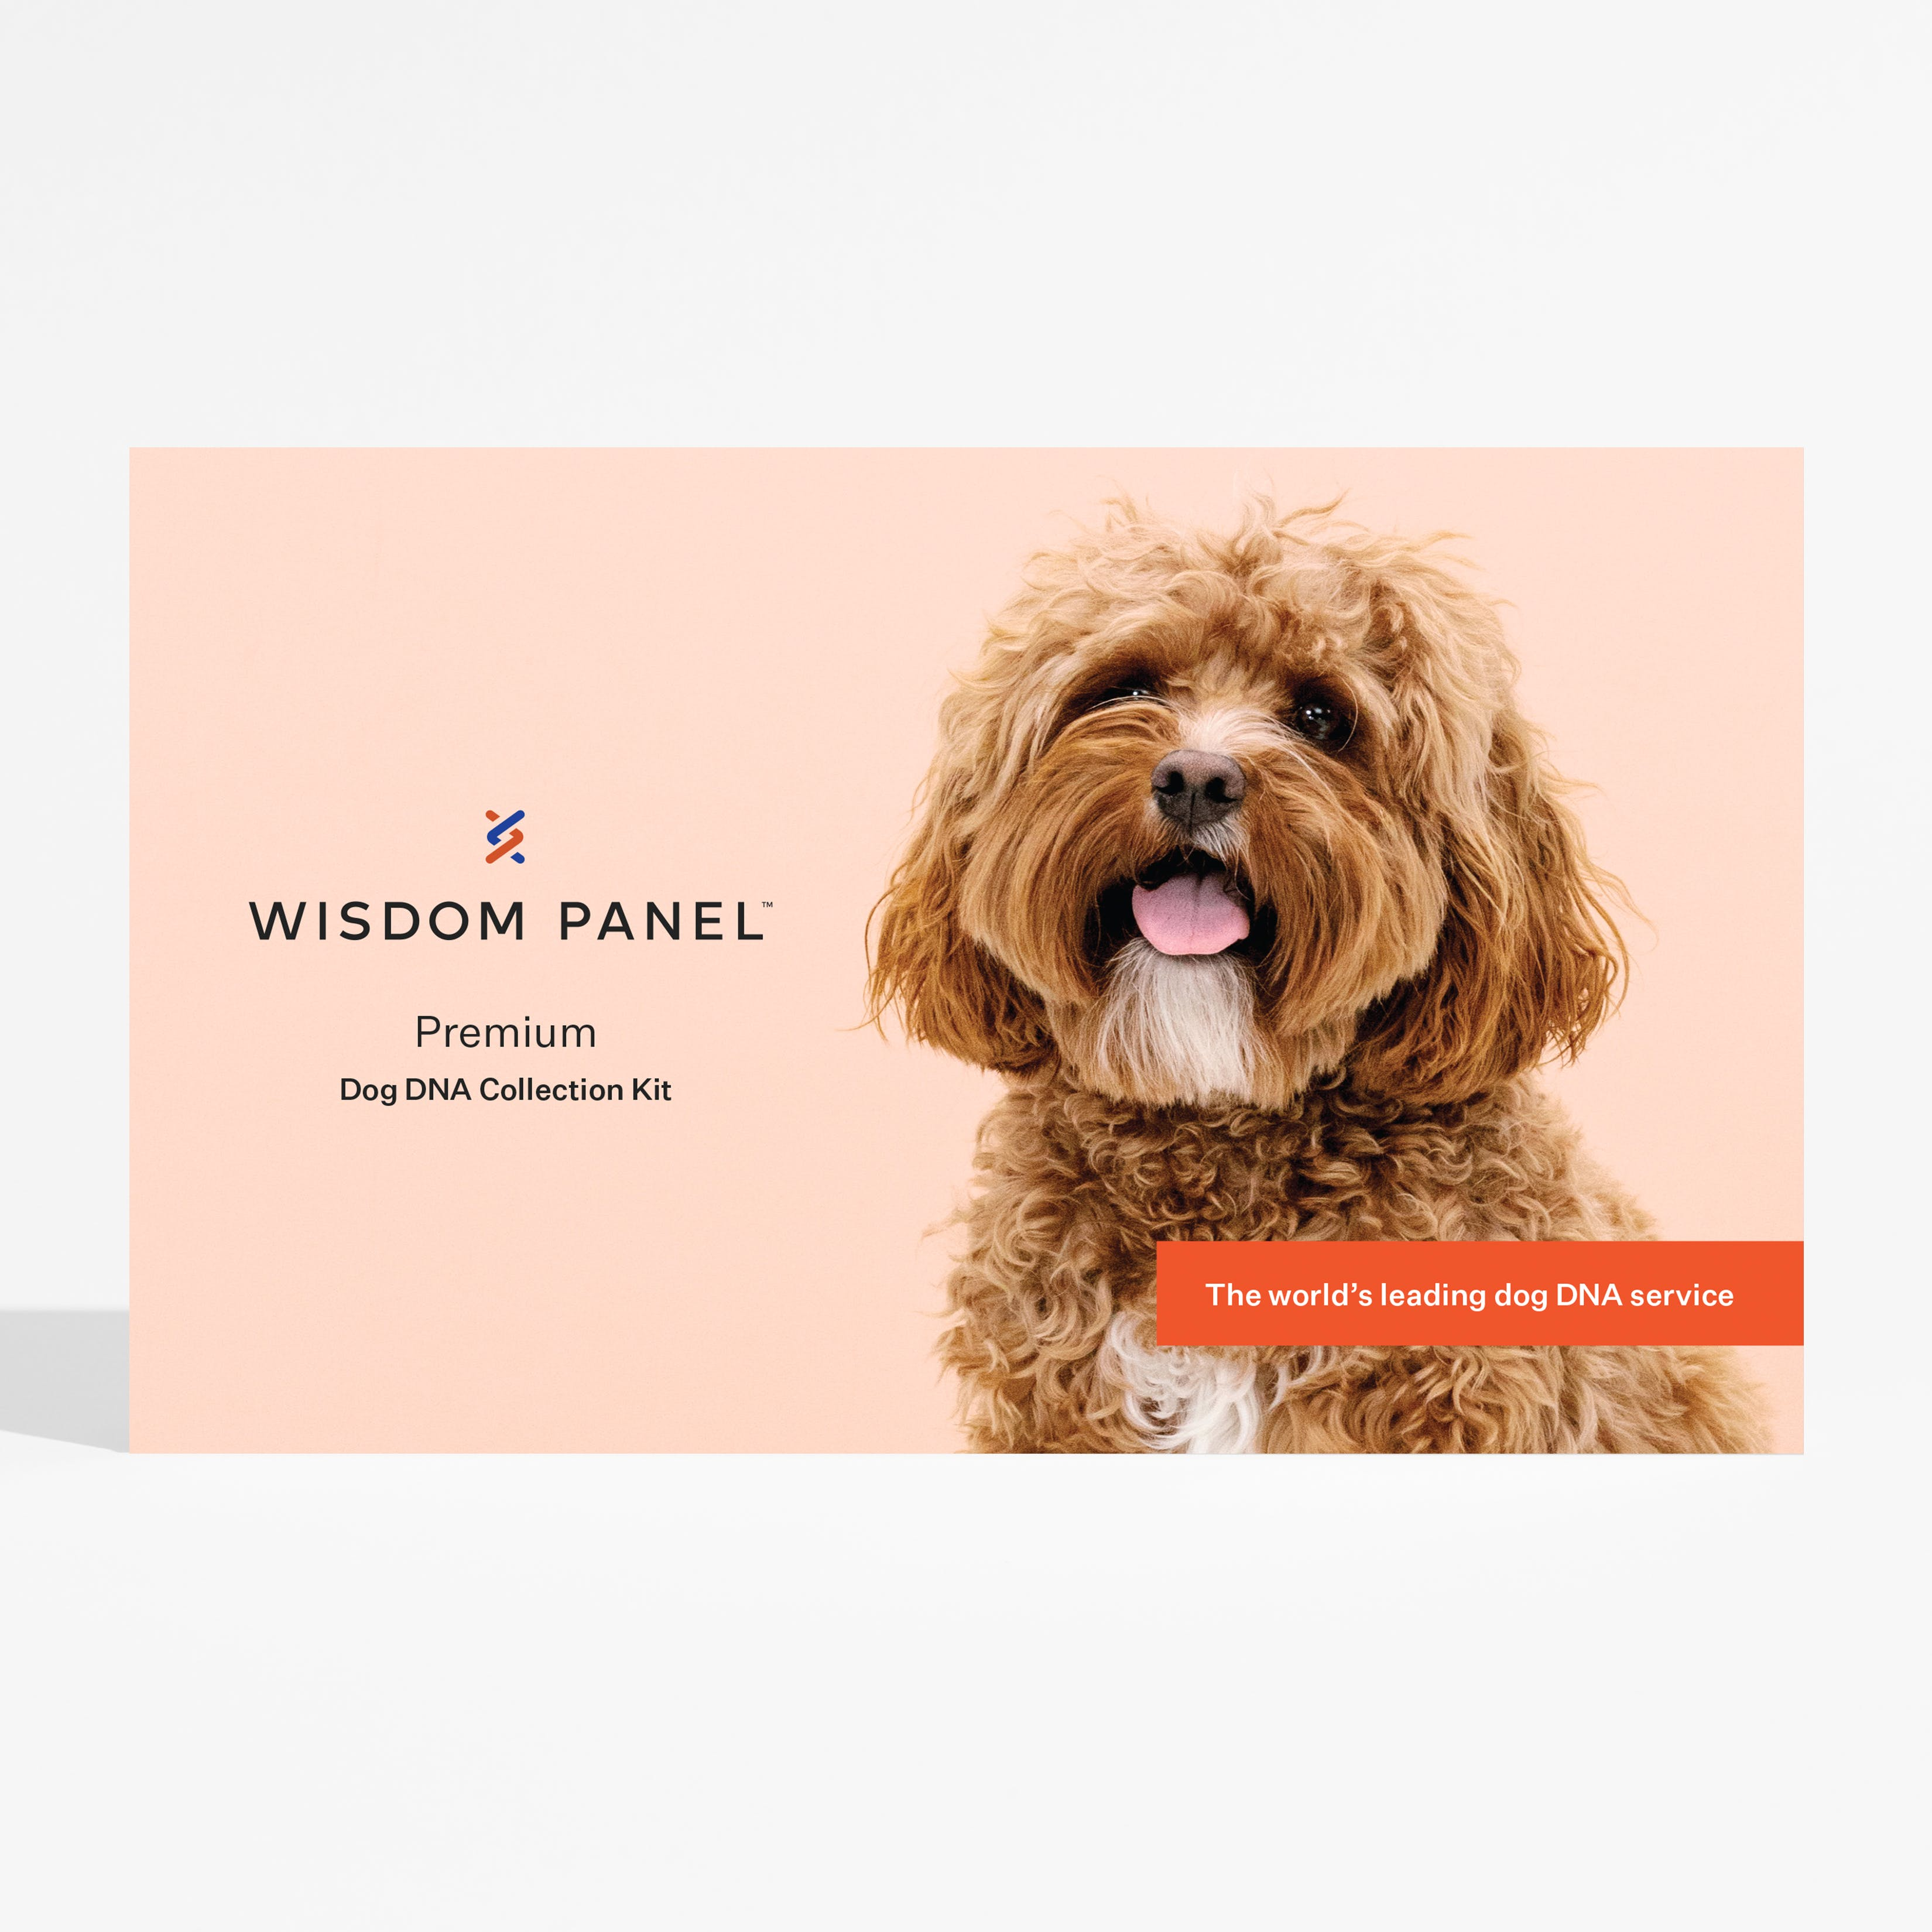 Wisdom Panel™ Premium